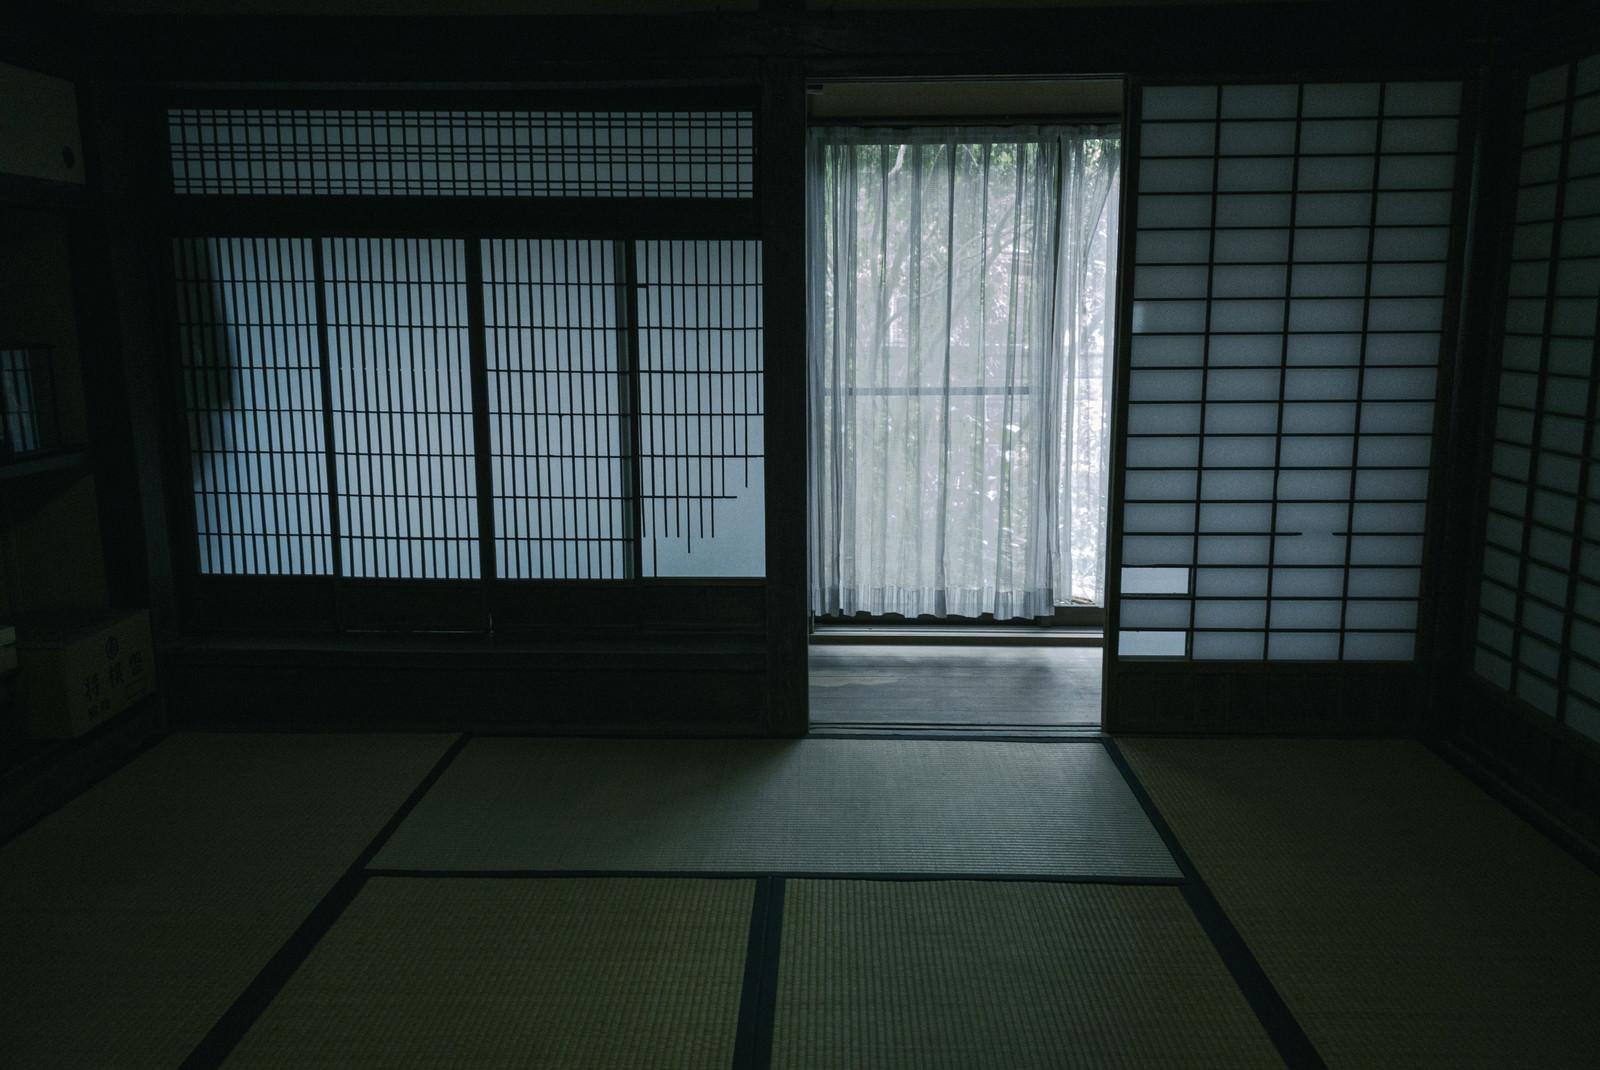 「和風な引き戸を開けた先にあるカーテン」の写真